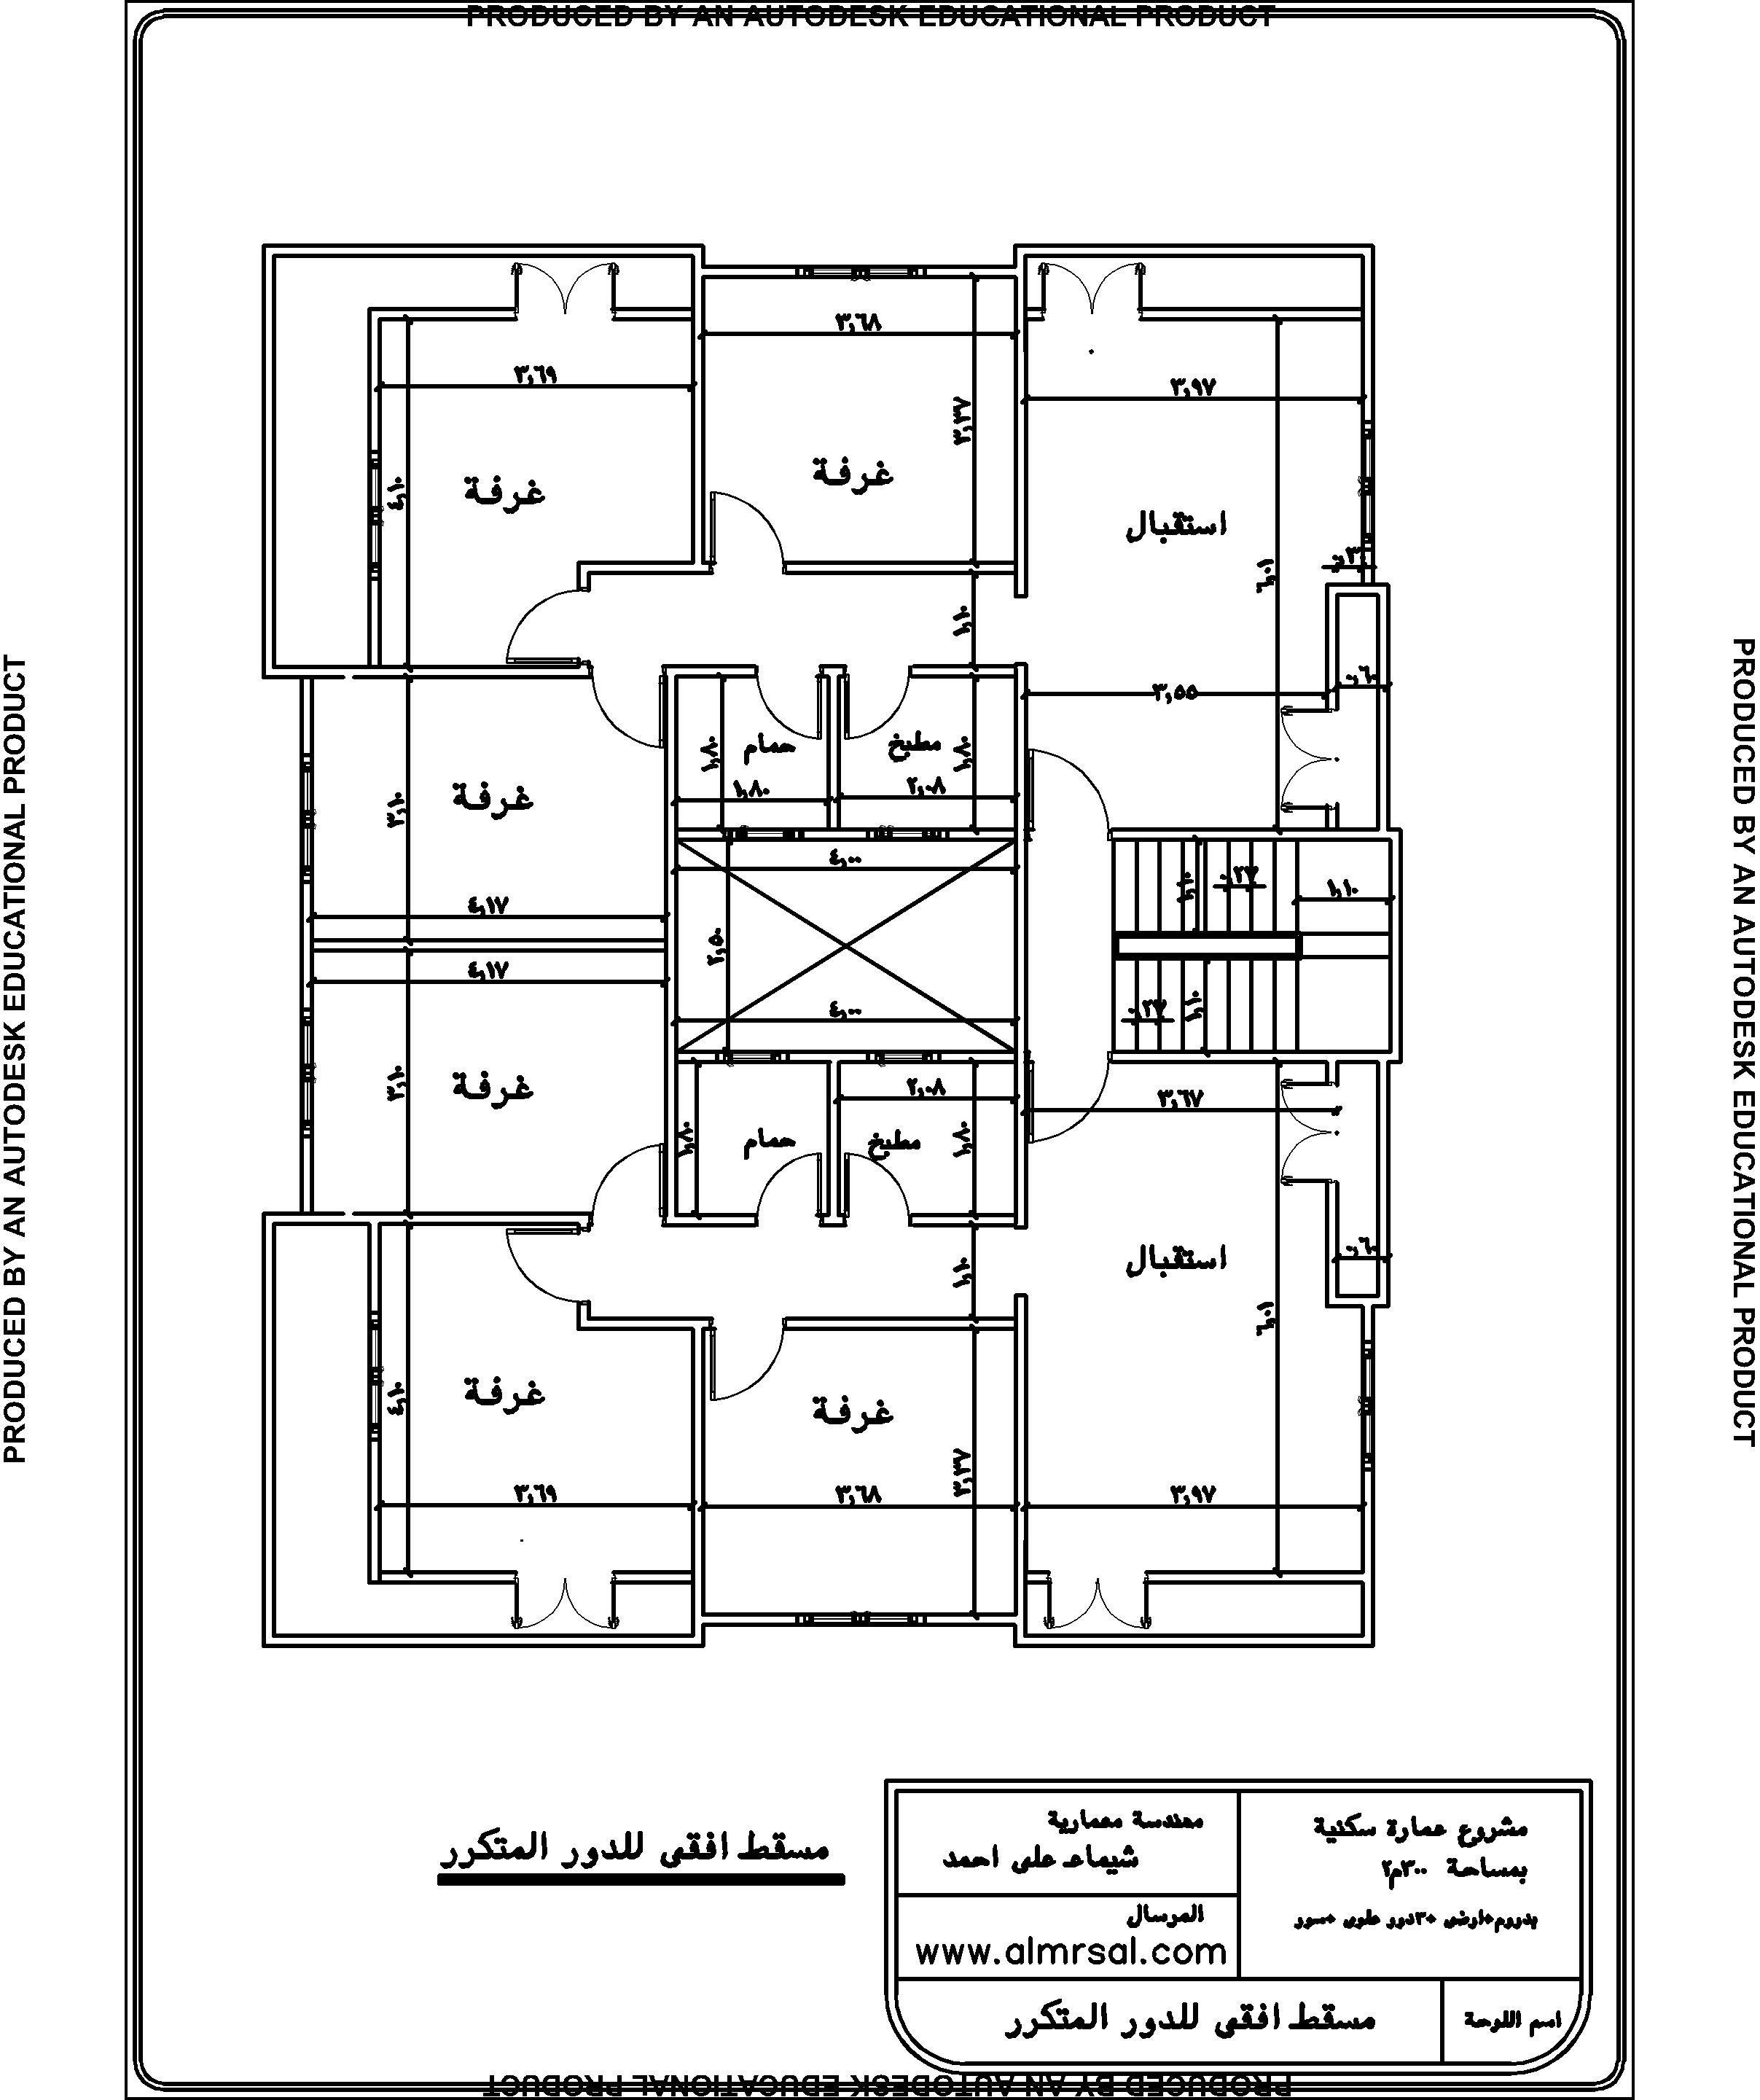 خرائط بناء حسب الطلب 27 Photos Design Fashion